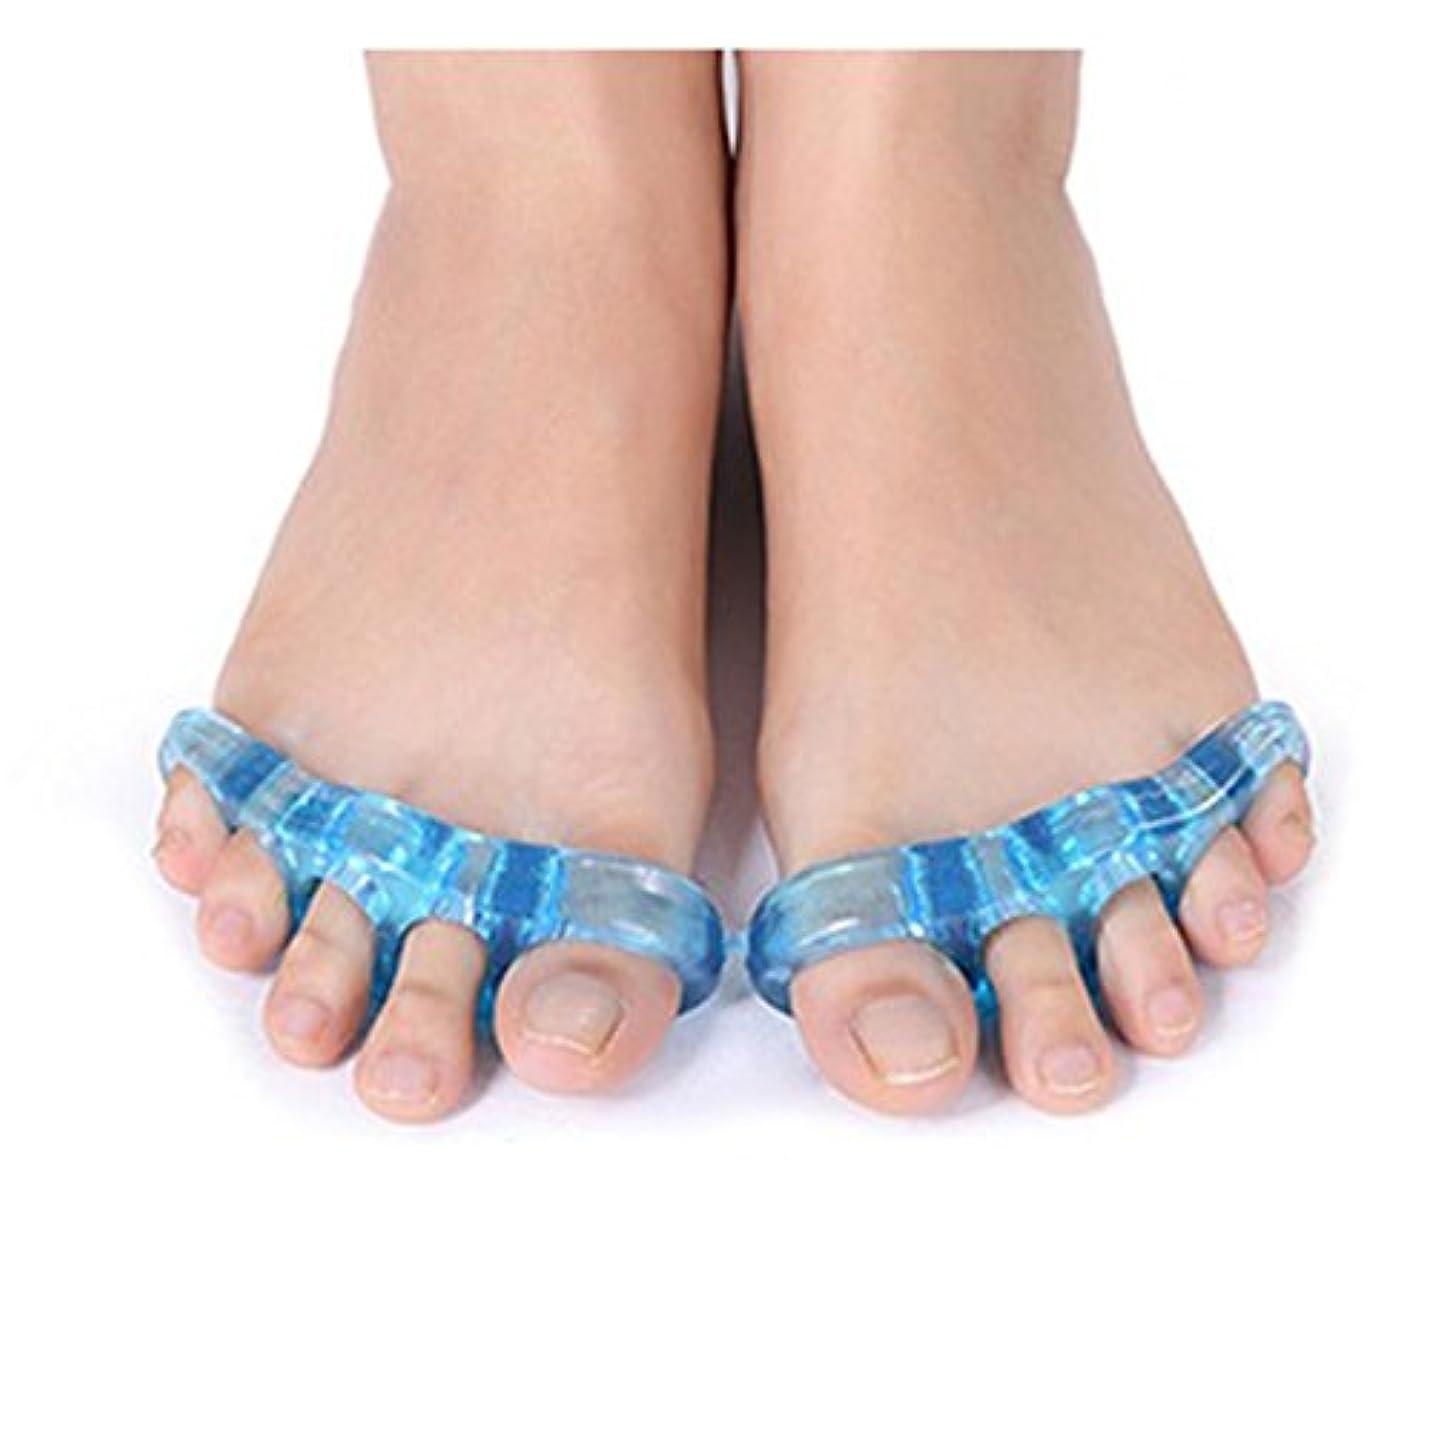 足指ストレッチパッド 広げる 足ゆび 5本指 両足セット 足指矯正 外反母趾 つま先 (大(約12cm))